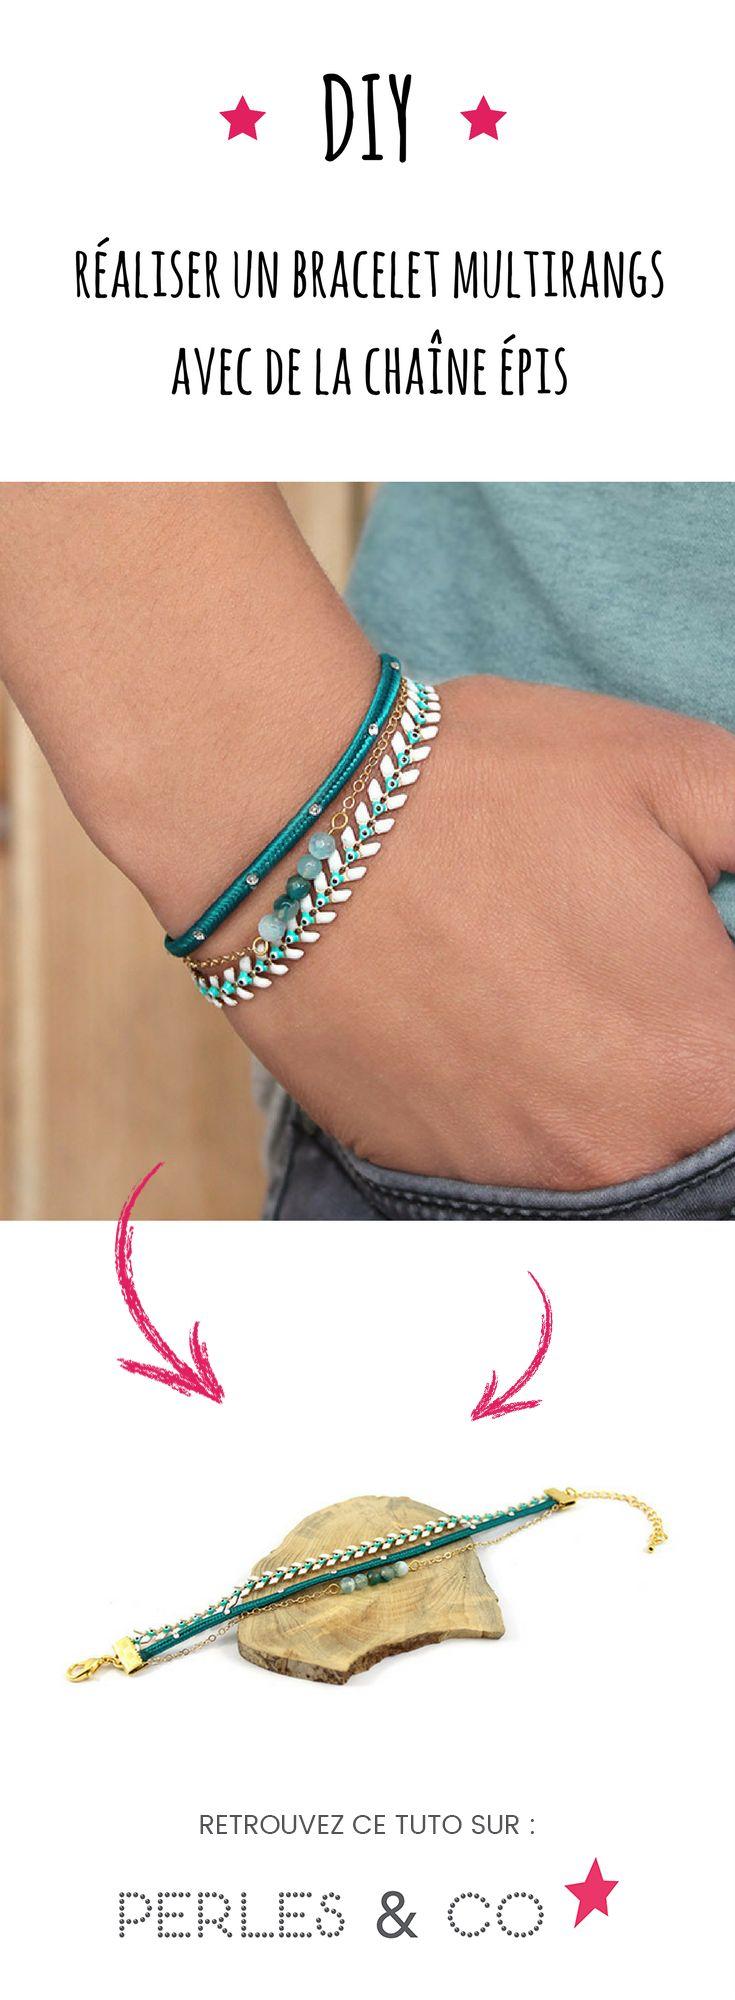 Être chic et porter un gris-gris, ce n'est pas incompatible ! Suivez ce tutoriel DIY facile pour créer un bracelet multirangs avec de la chaîne épis « œil porte-bonheur ». Ce bracelet multirangs fin et facile à réaliser pourra être entièrement personnalisé.